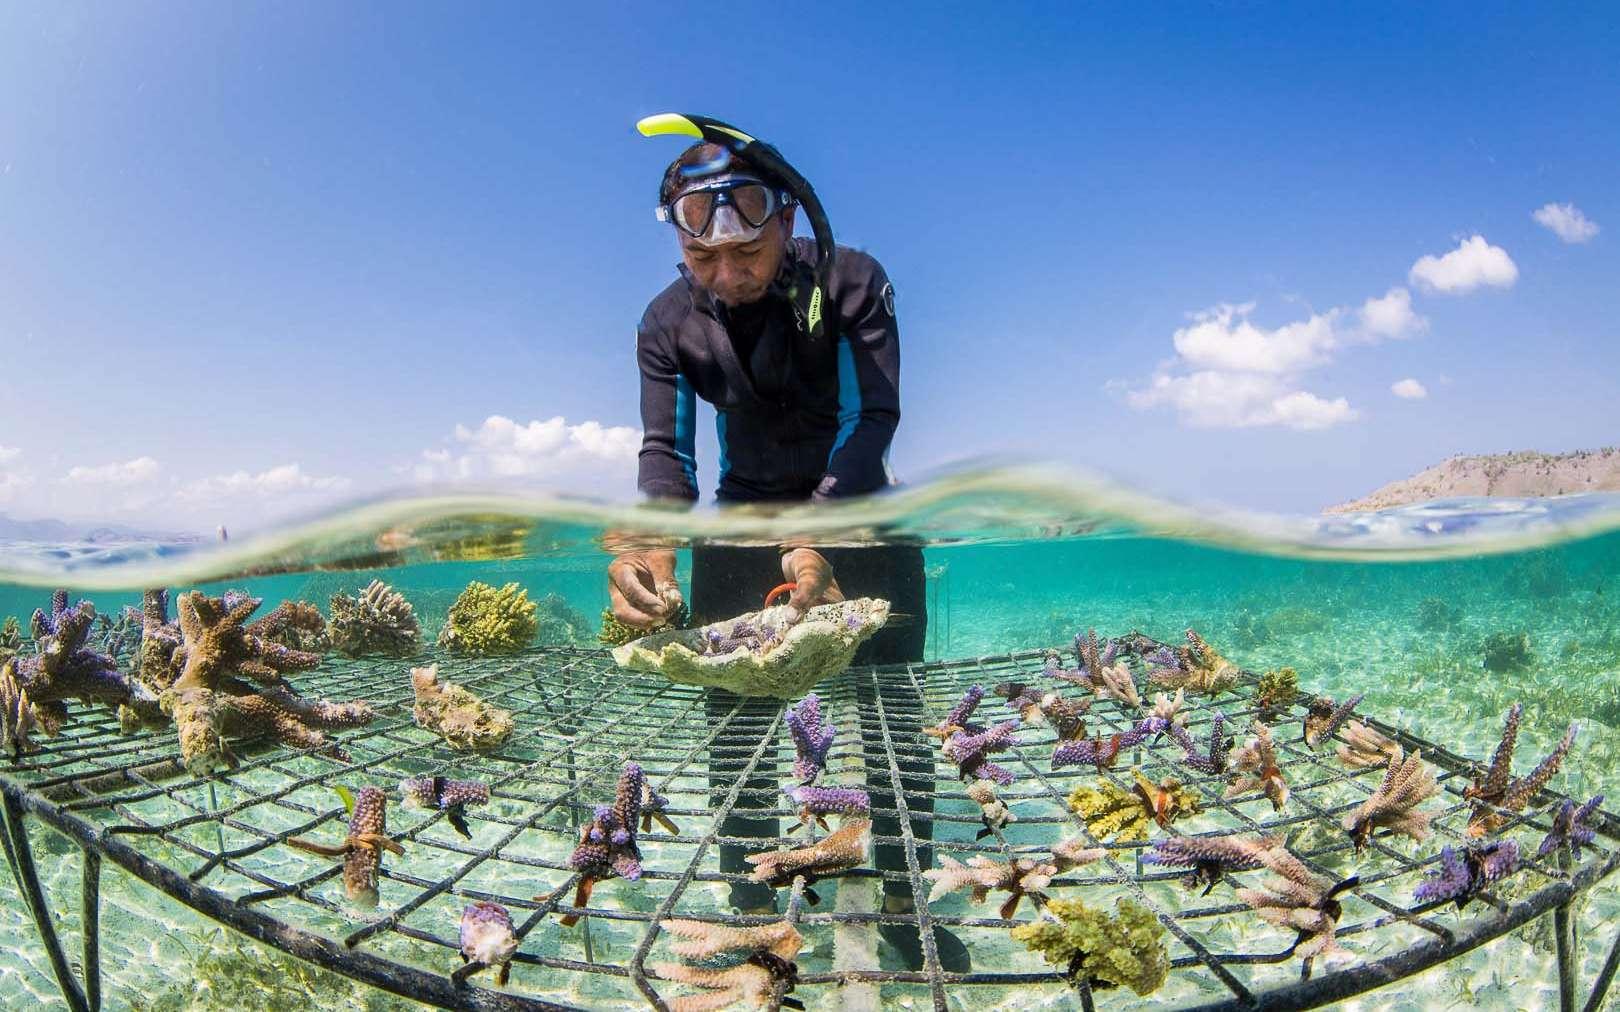 Les coraux forment des écosystèmes très riches, où cohabitent de très nombreuses espèces. Ils sont en régression à l'échelle de la planète depuis plusieurs années. © DR